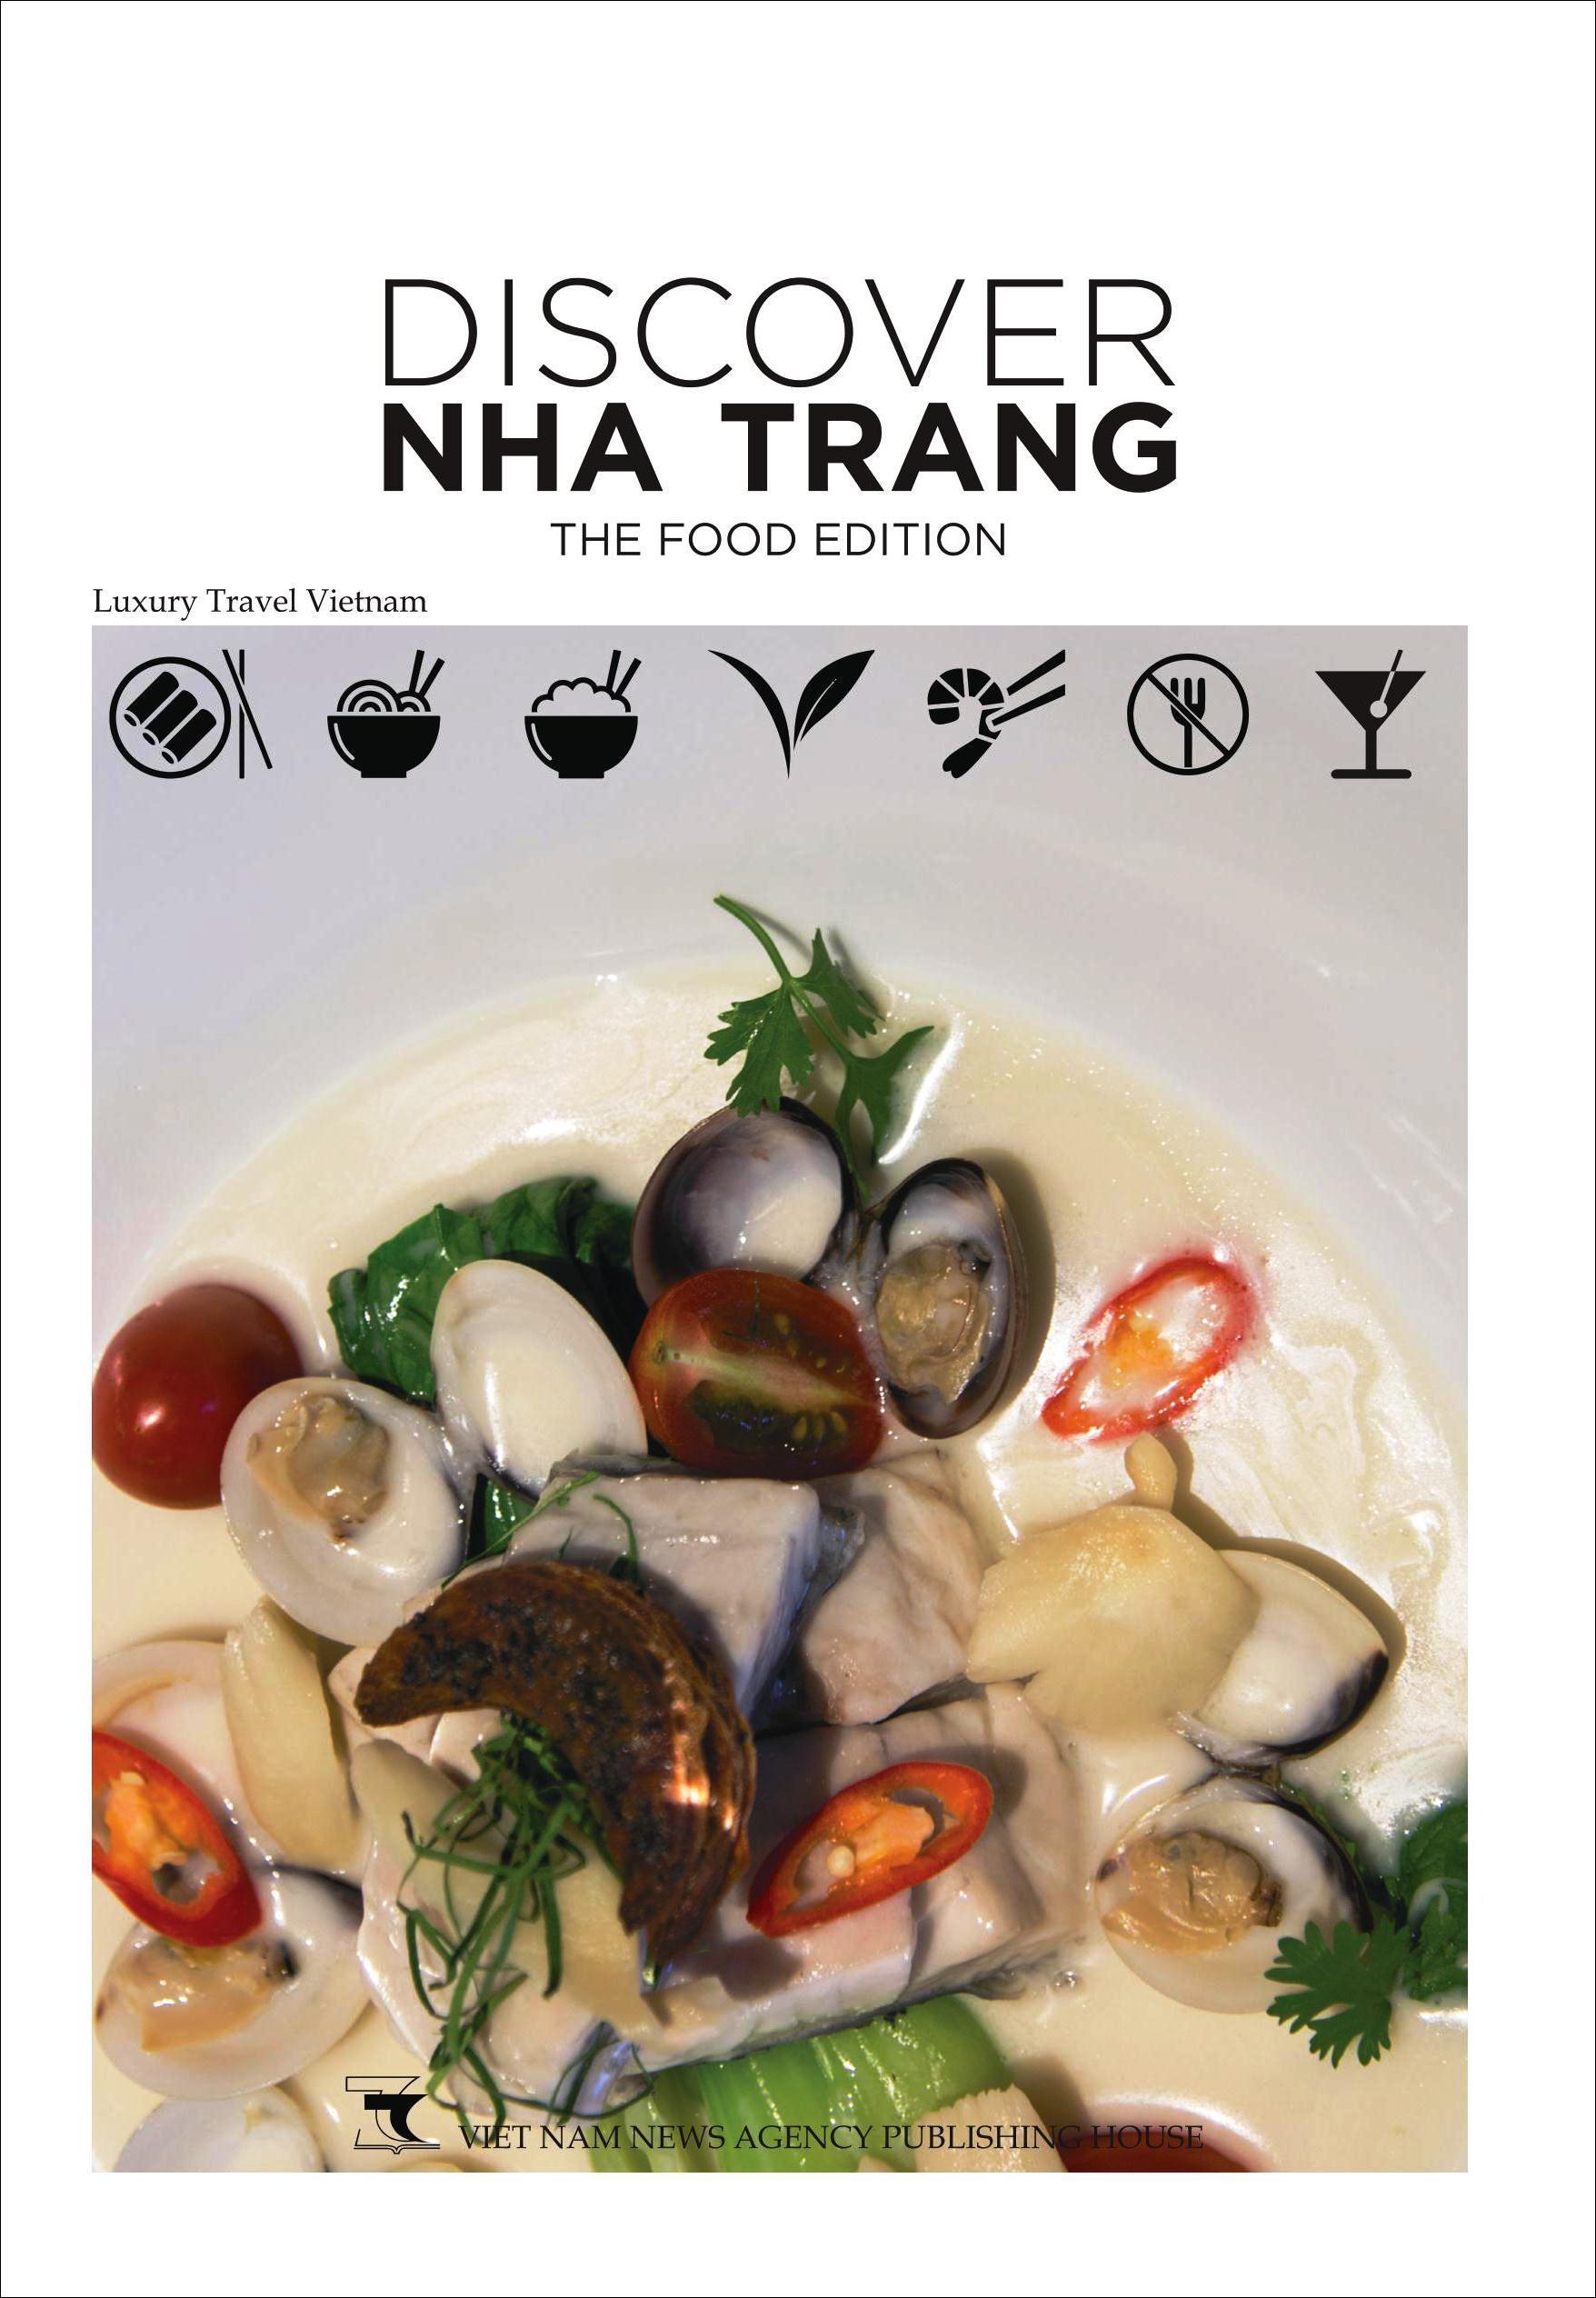 Khuyên đọc sách Discover Nha Trang - The Food Edition